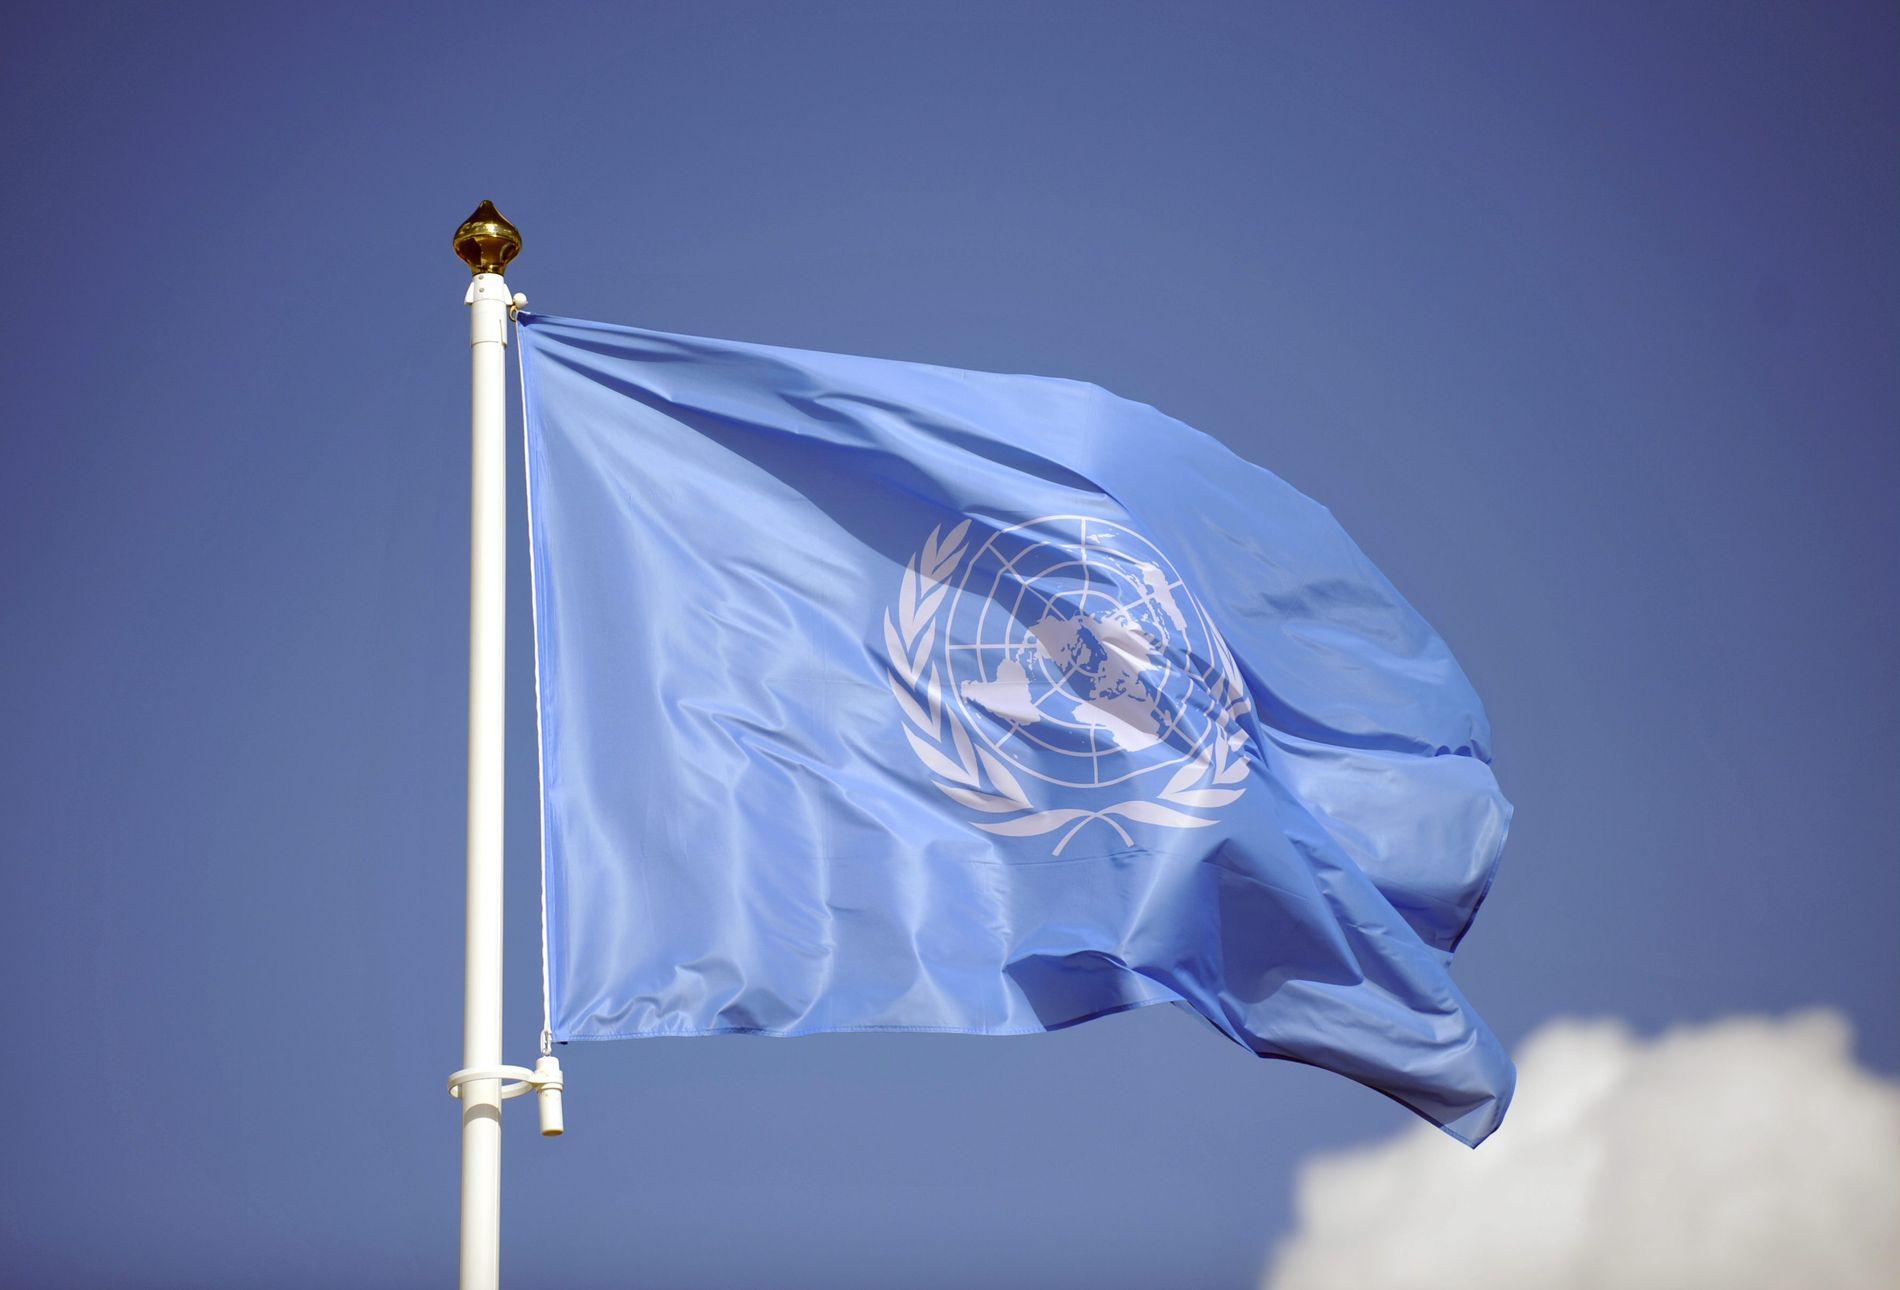 VIL IKKE: Flere land unnlater å signere FNs migrasjonsavtale.